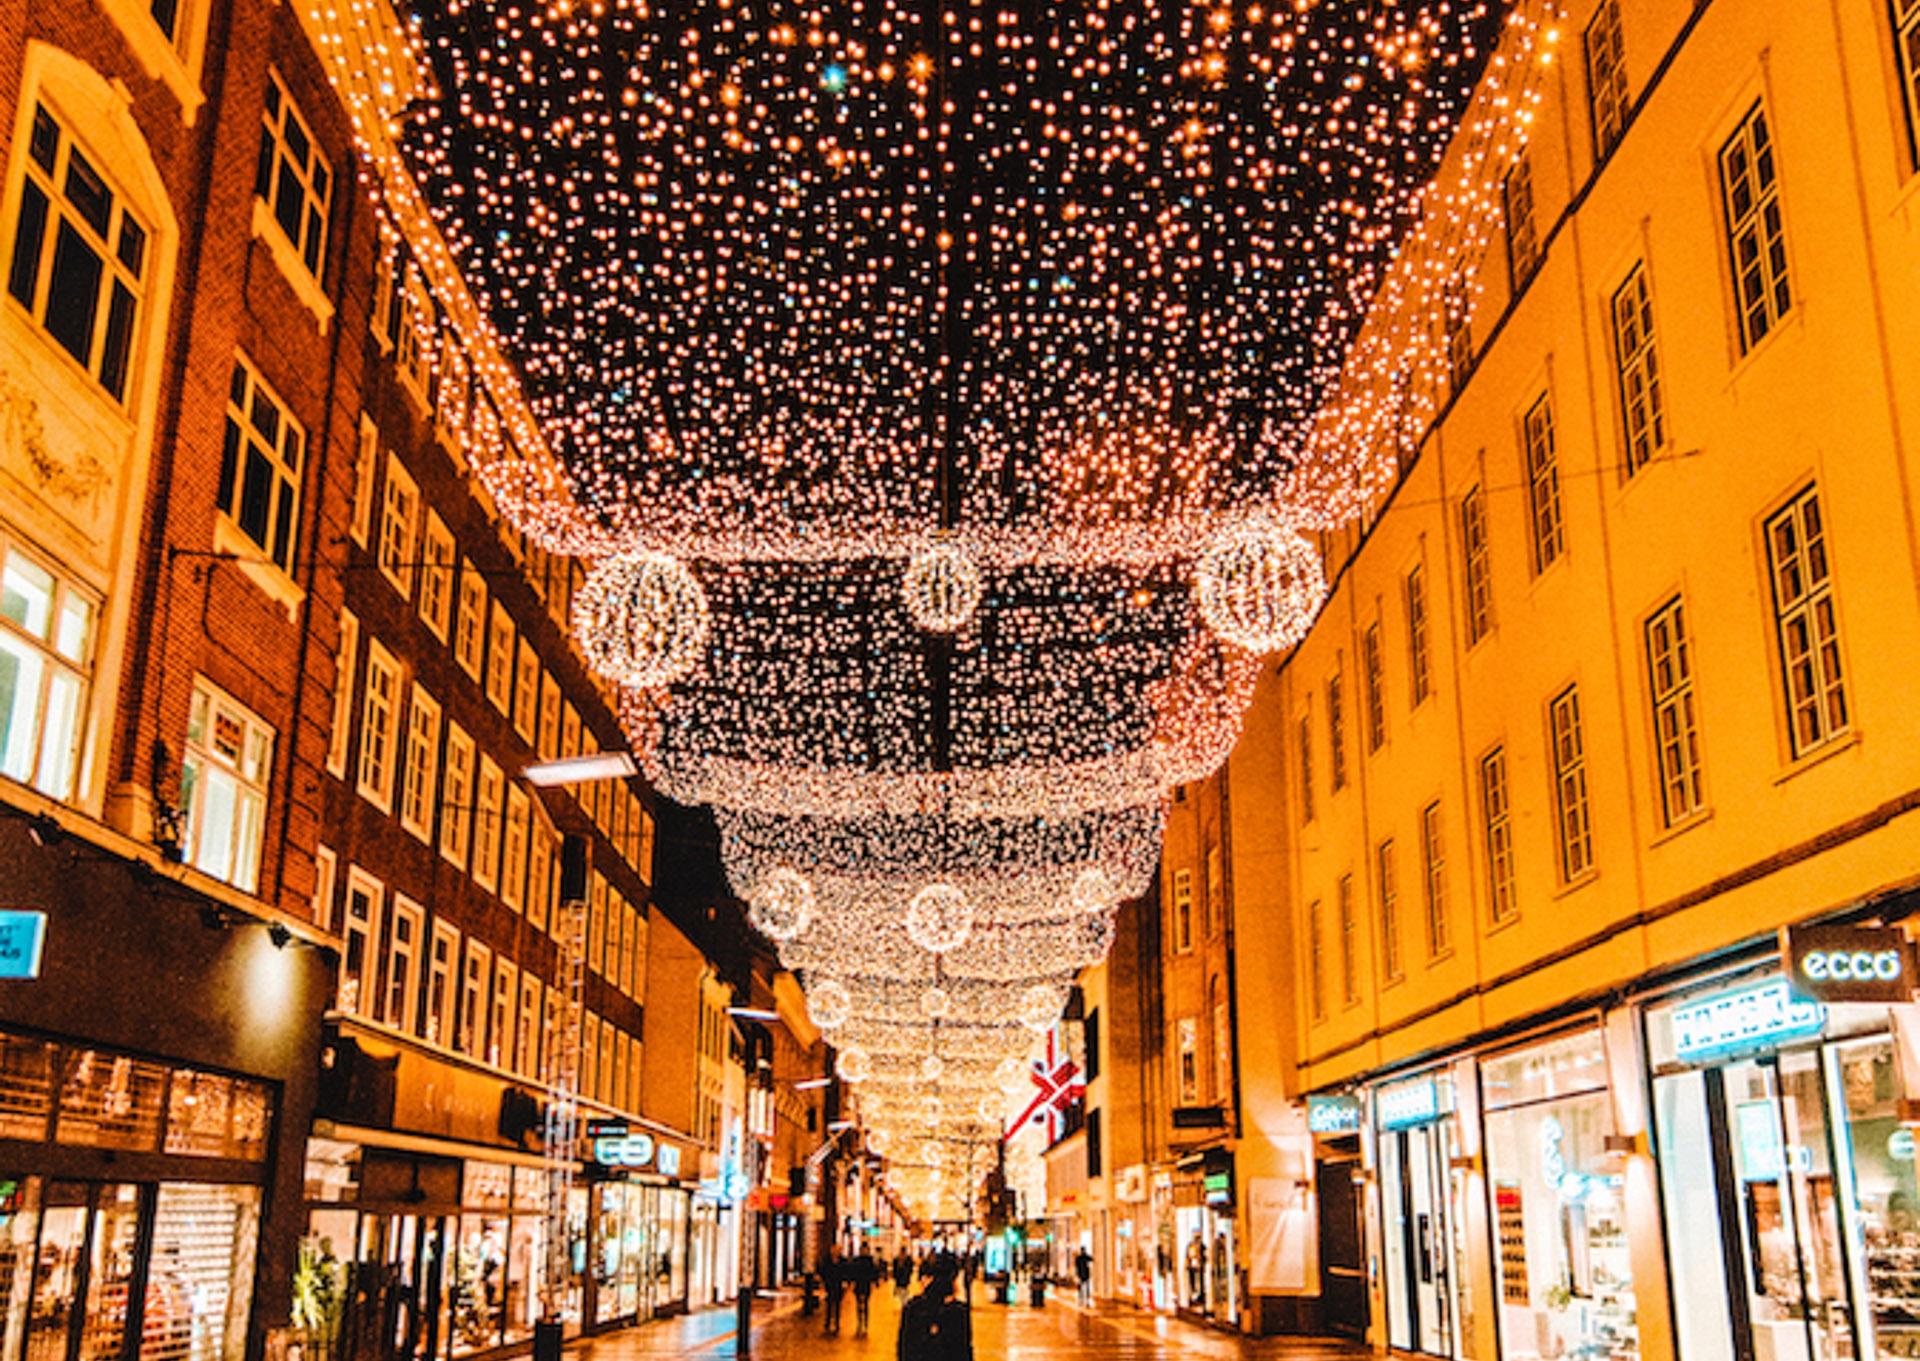 Se hvad der sker: Aarhus stråler af jul